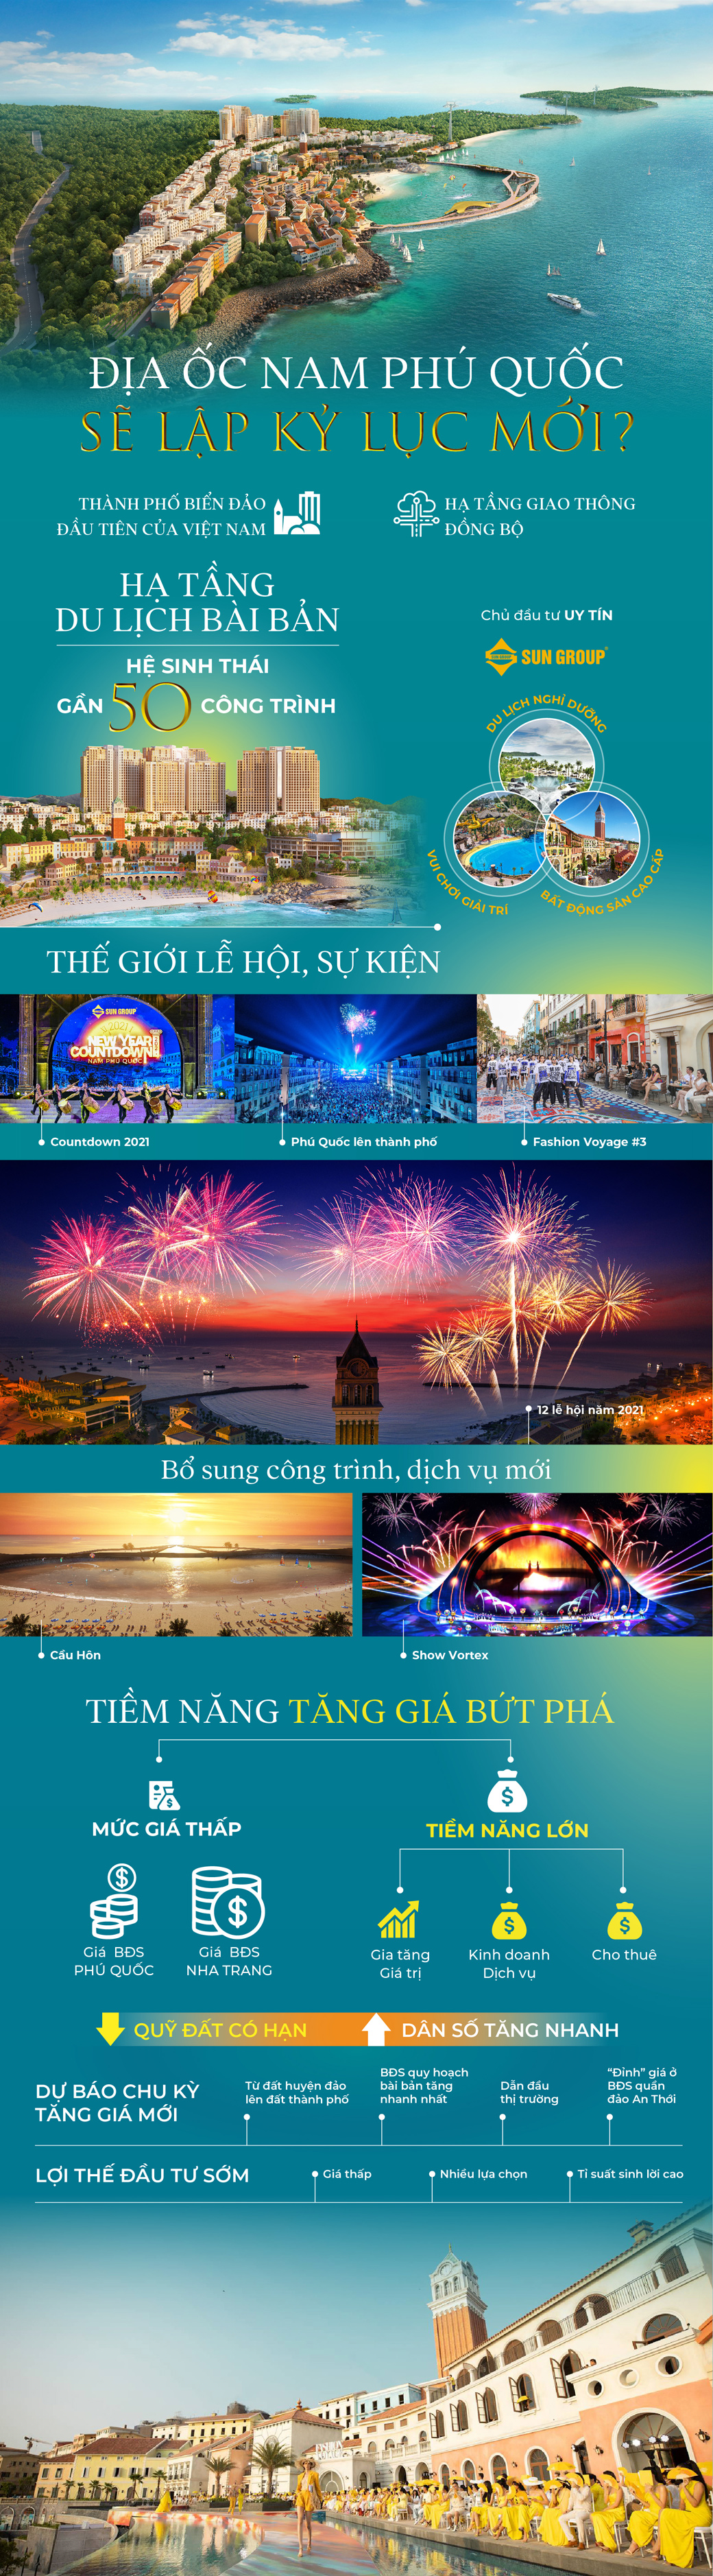 """Tương lai """"vàng"""" của địa ốc Nam Phú Quốc - 1"""